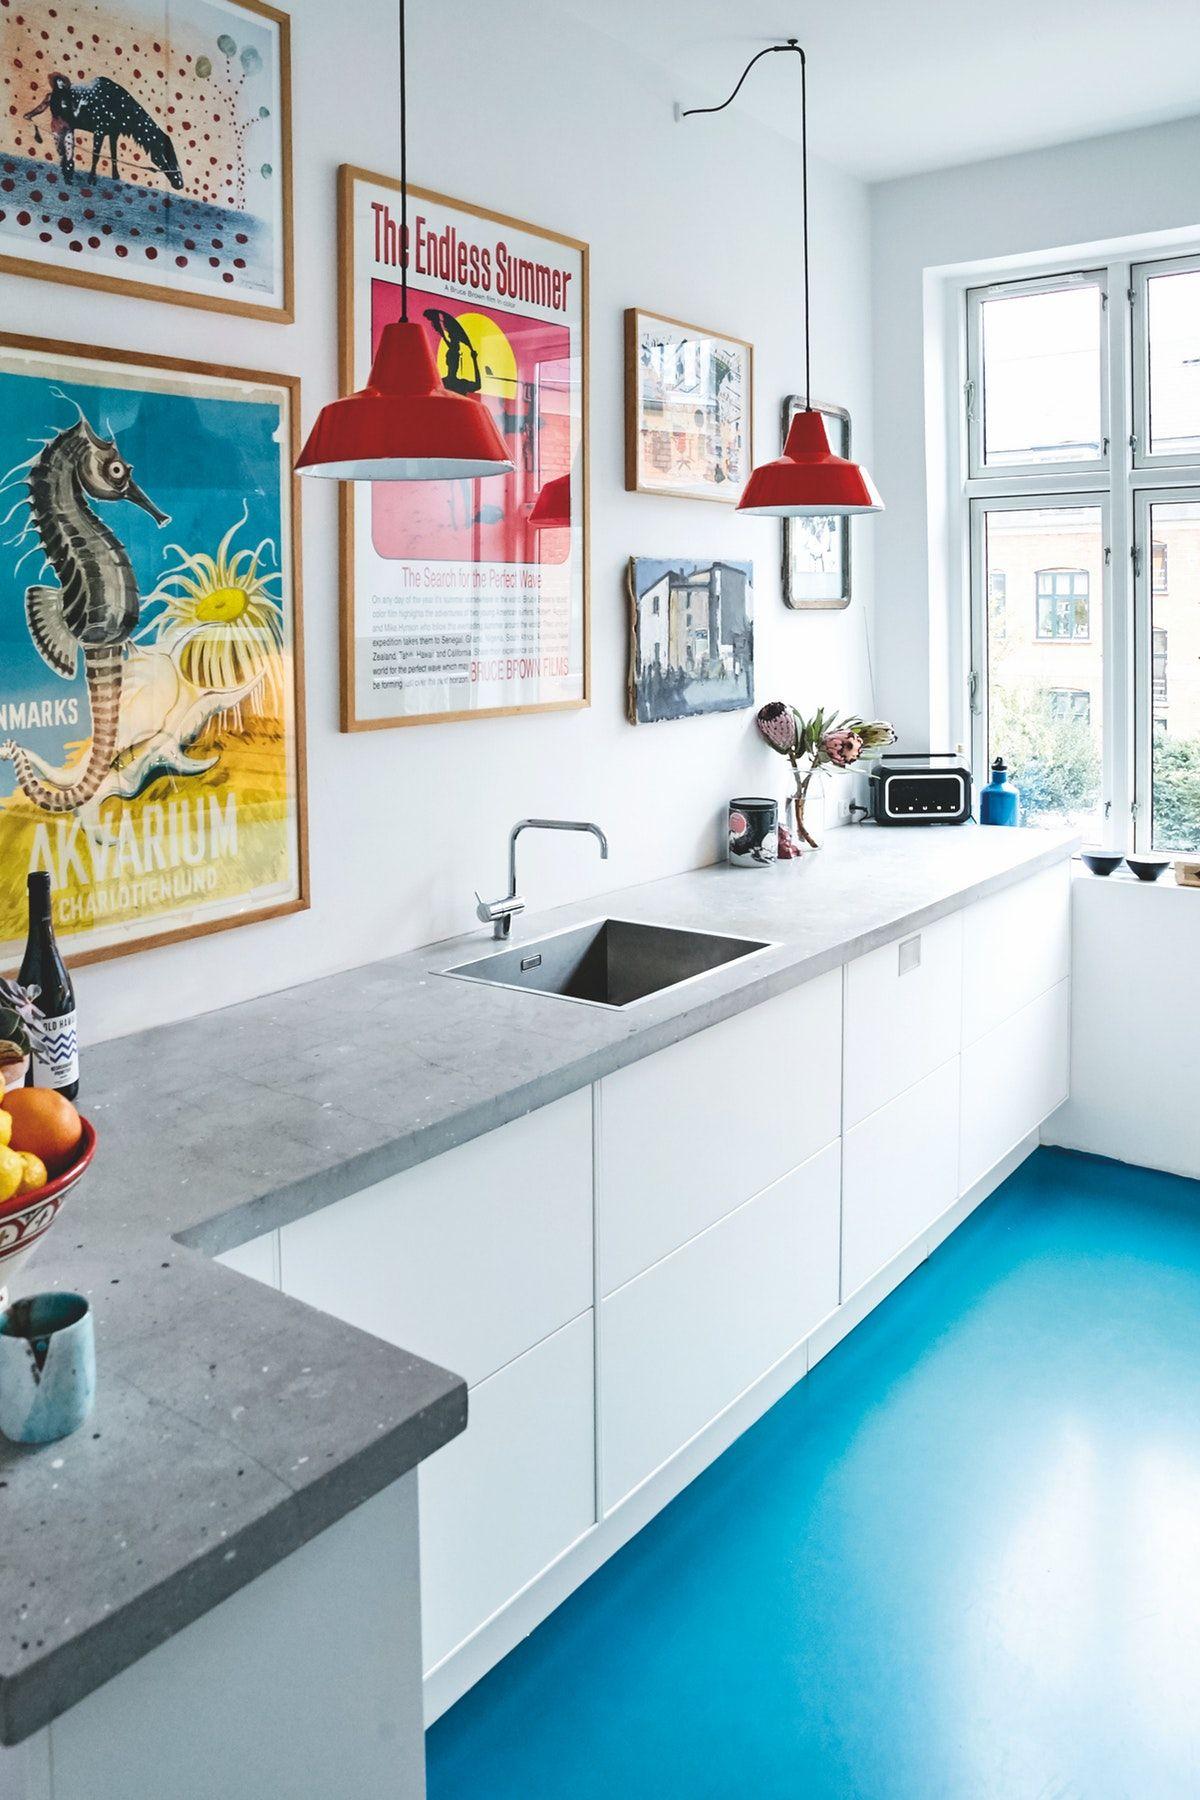 Pin Af Aurore Beaumont Pa Cuisines Kokken Inventar Design Kokkenrenovering Sweet Home